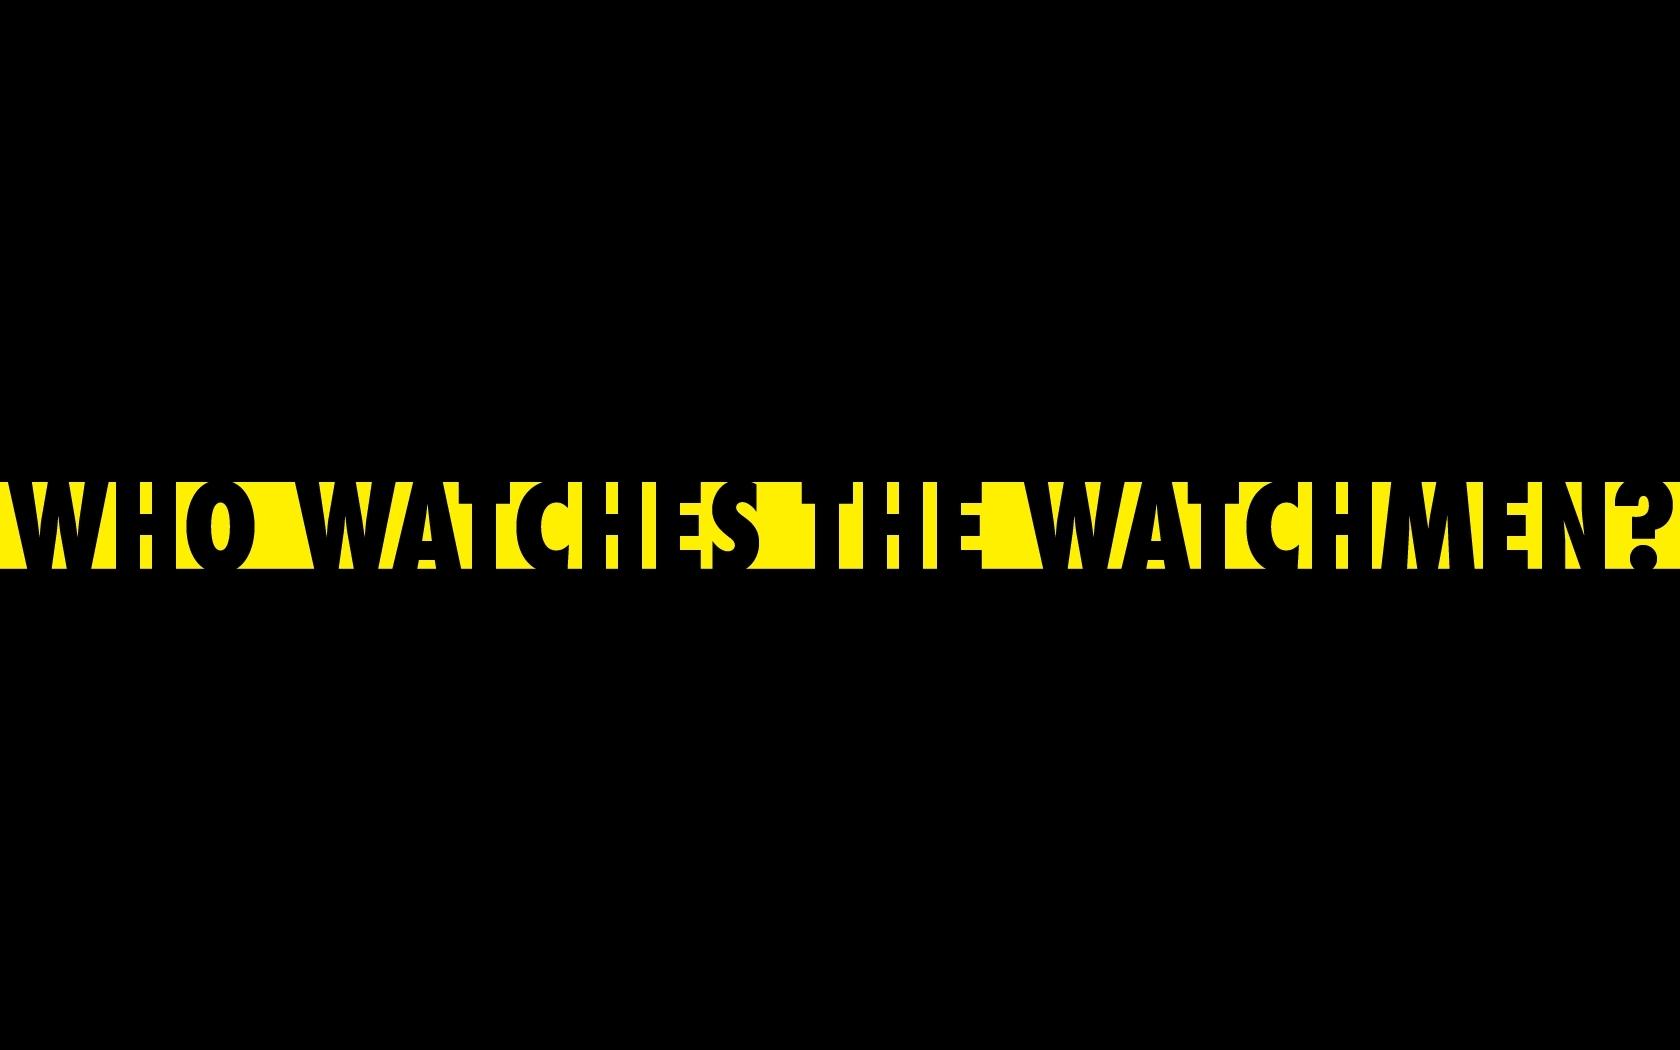 watchmen watchmen wallpaper 13077822 fanpop